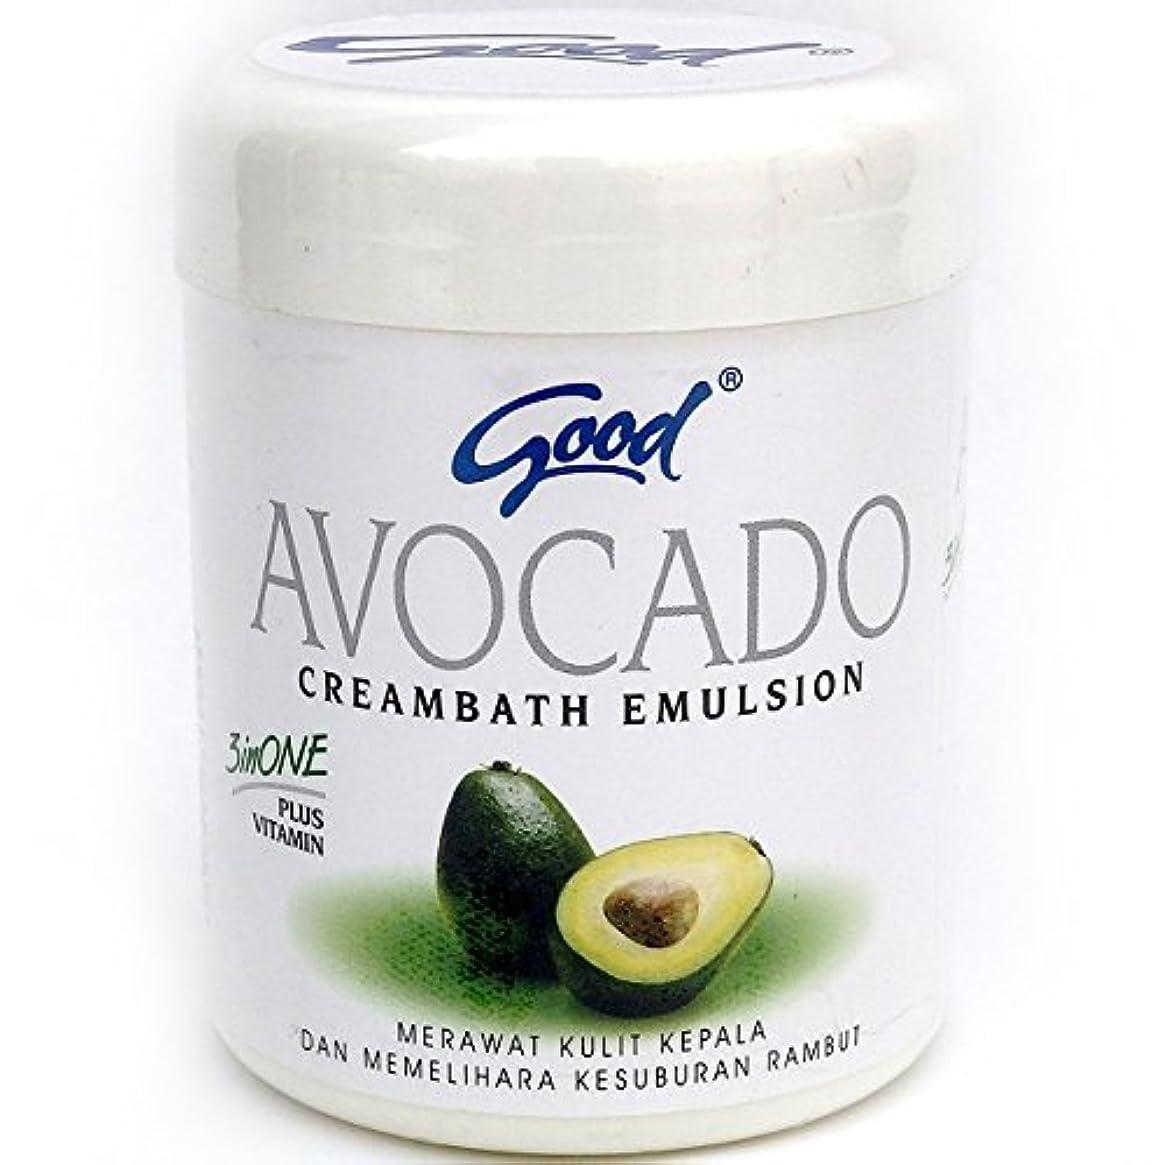 good グッド インドネシアバリ島の伝統的なヘッドスパクリーム Creambath Emulsion クリームバス エマルション 250g Avocado アボガド [海外直送品]